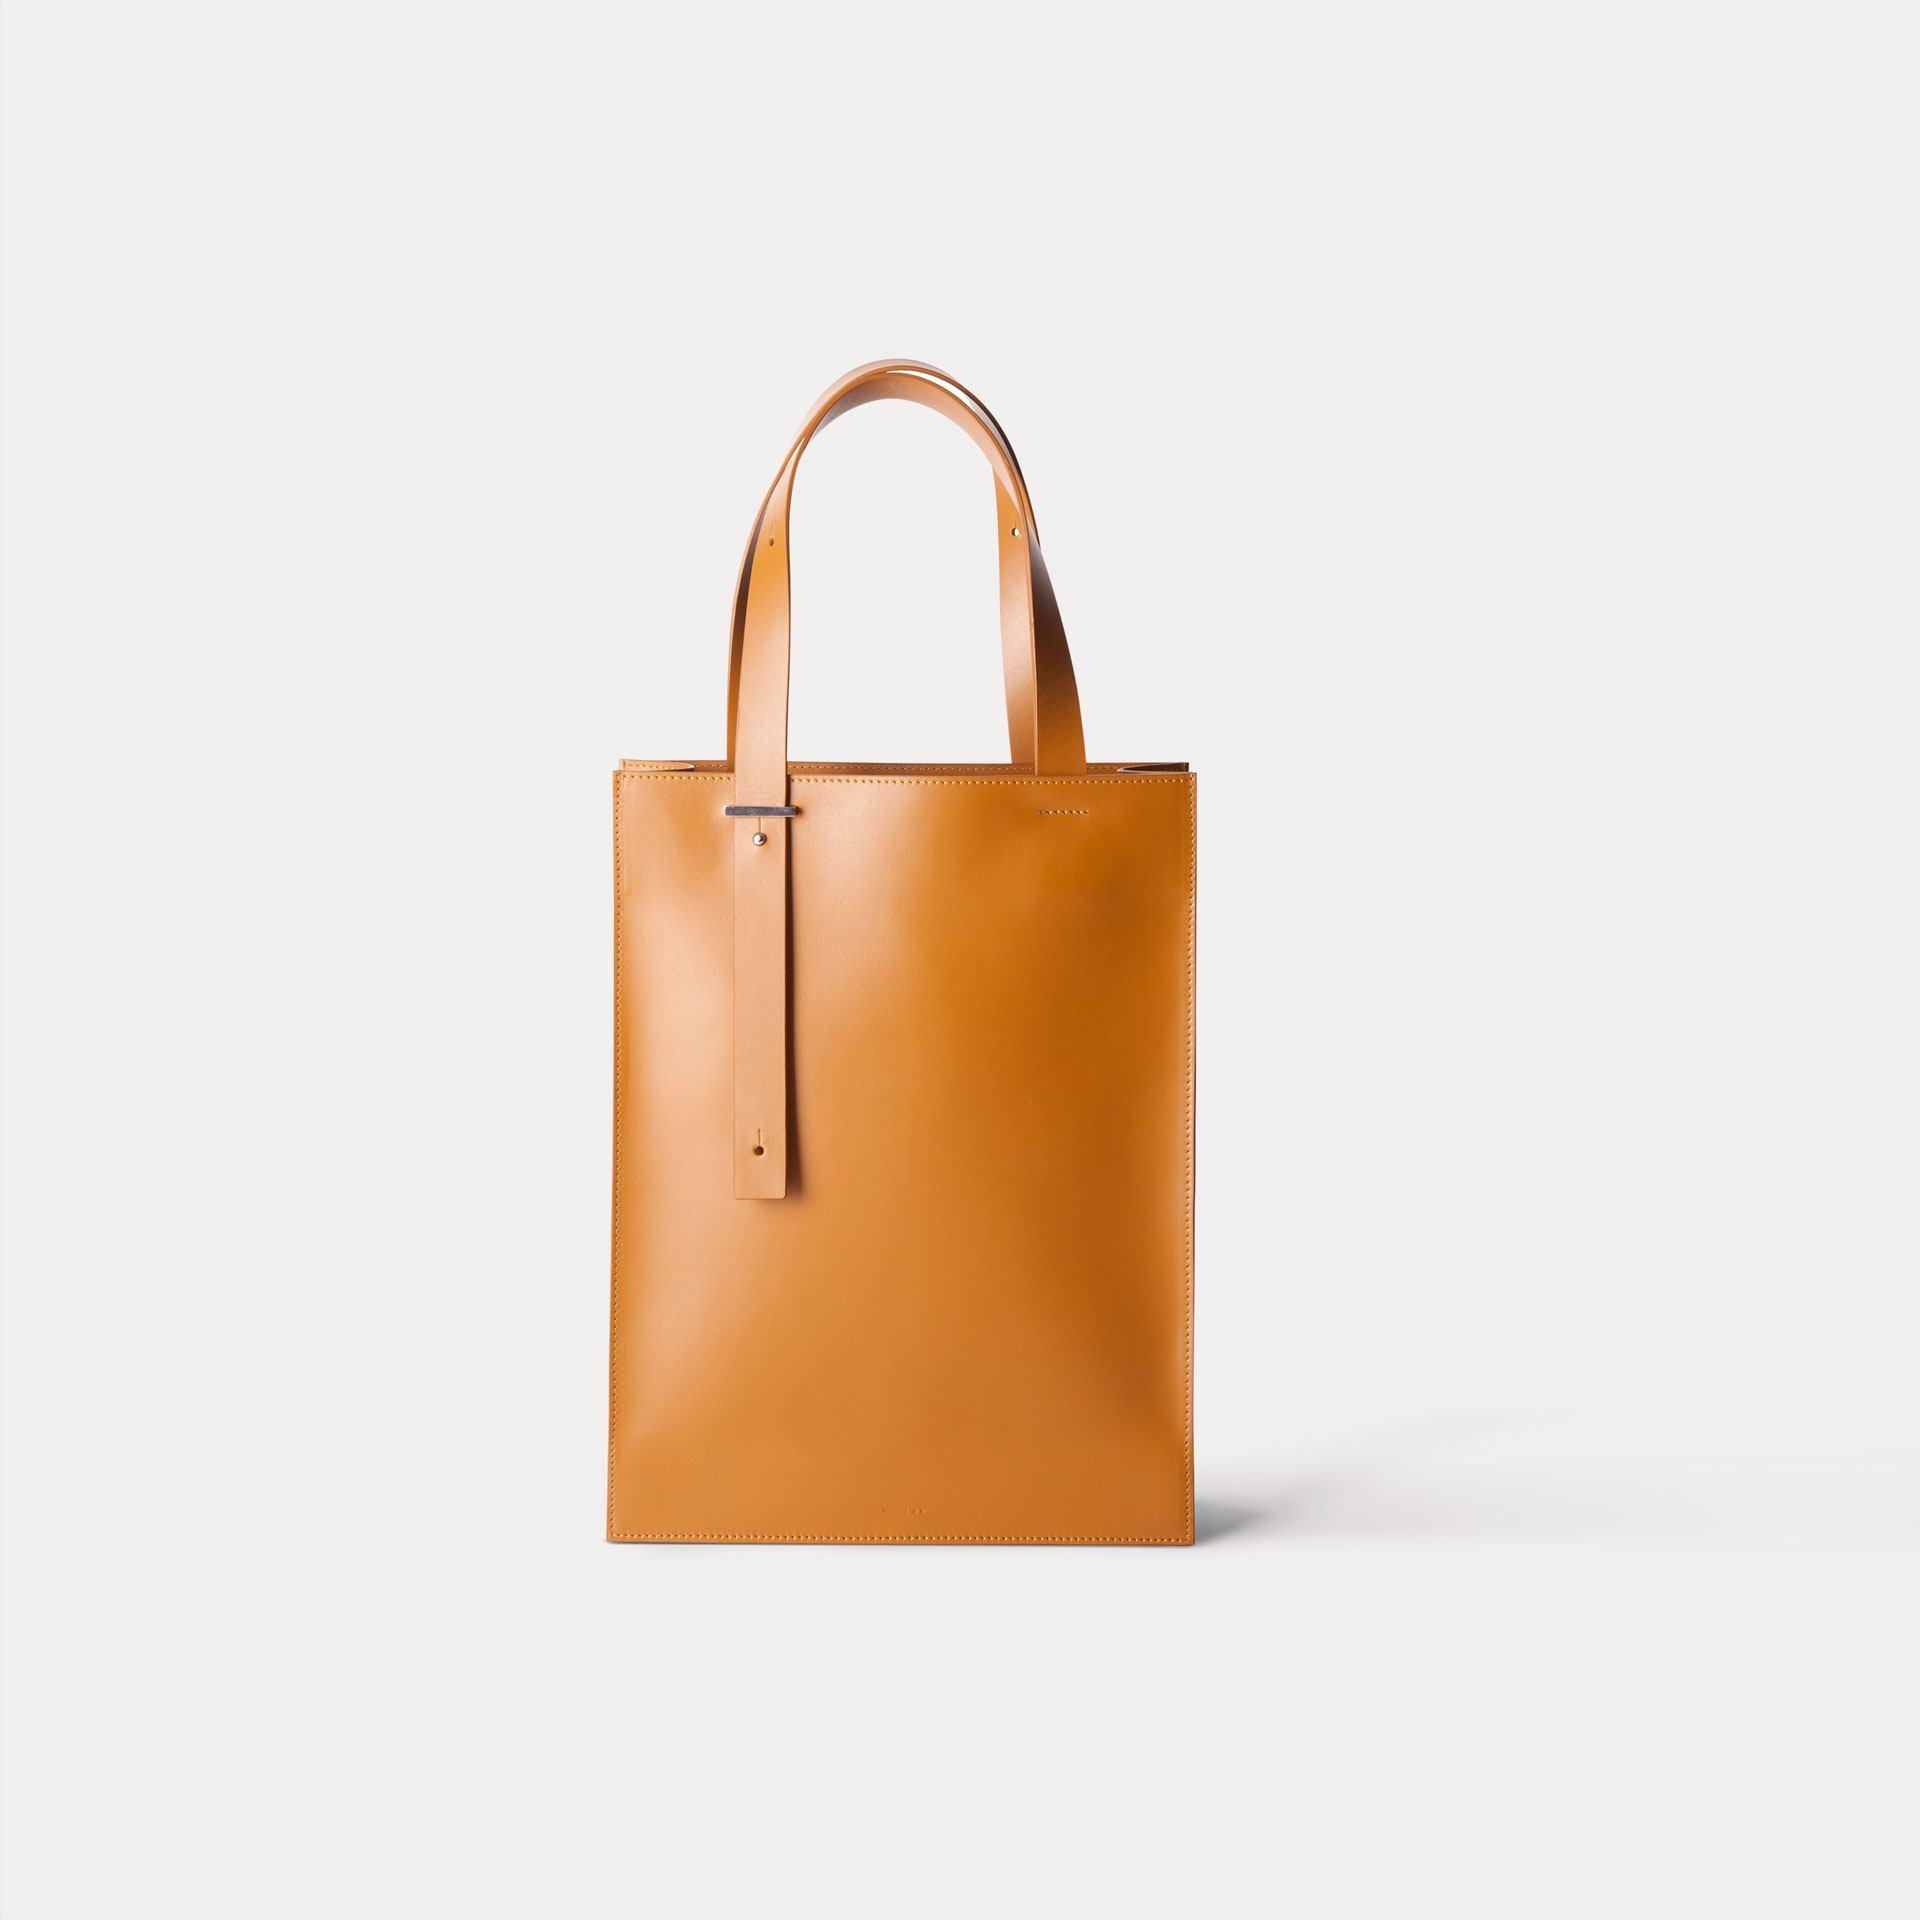 DA04 กระเป๋าโท้ท M สีน้ำตาล